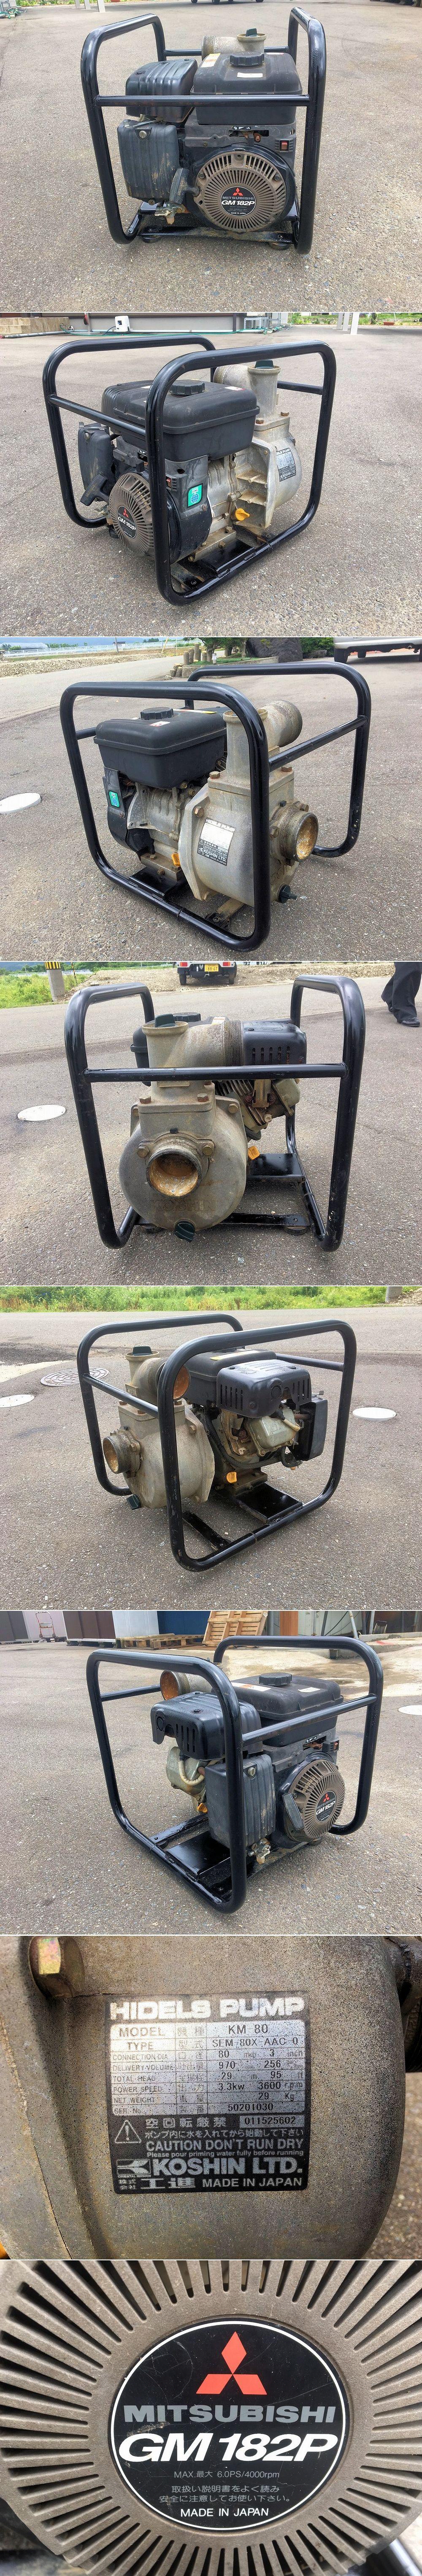 水上げ エンジンポンプ 中古 コーシン KM-80 三菱 GM182P 6馬力